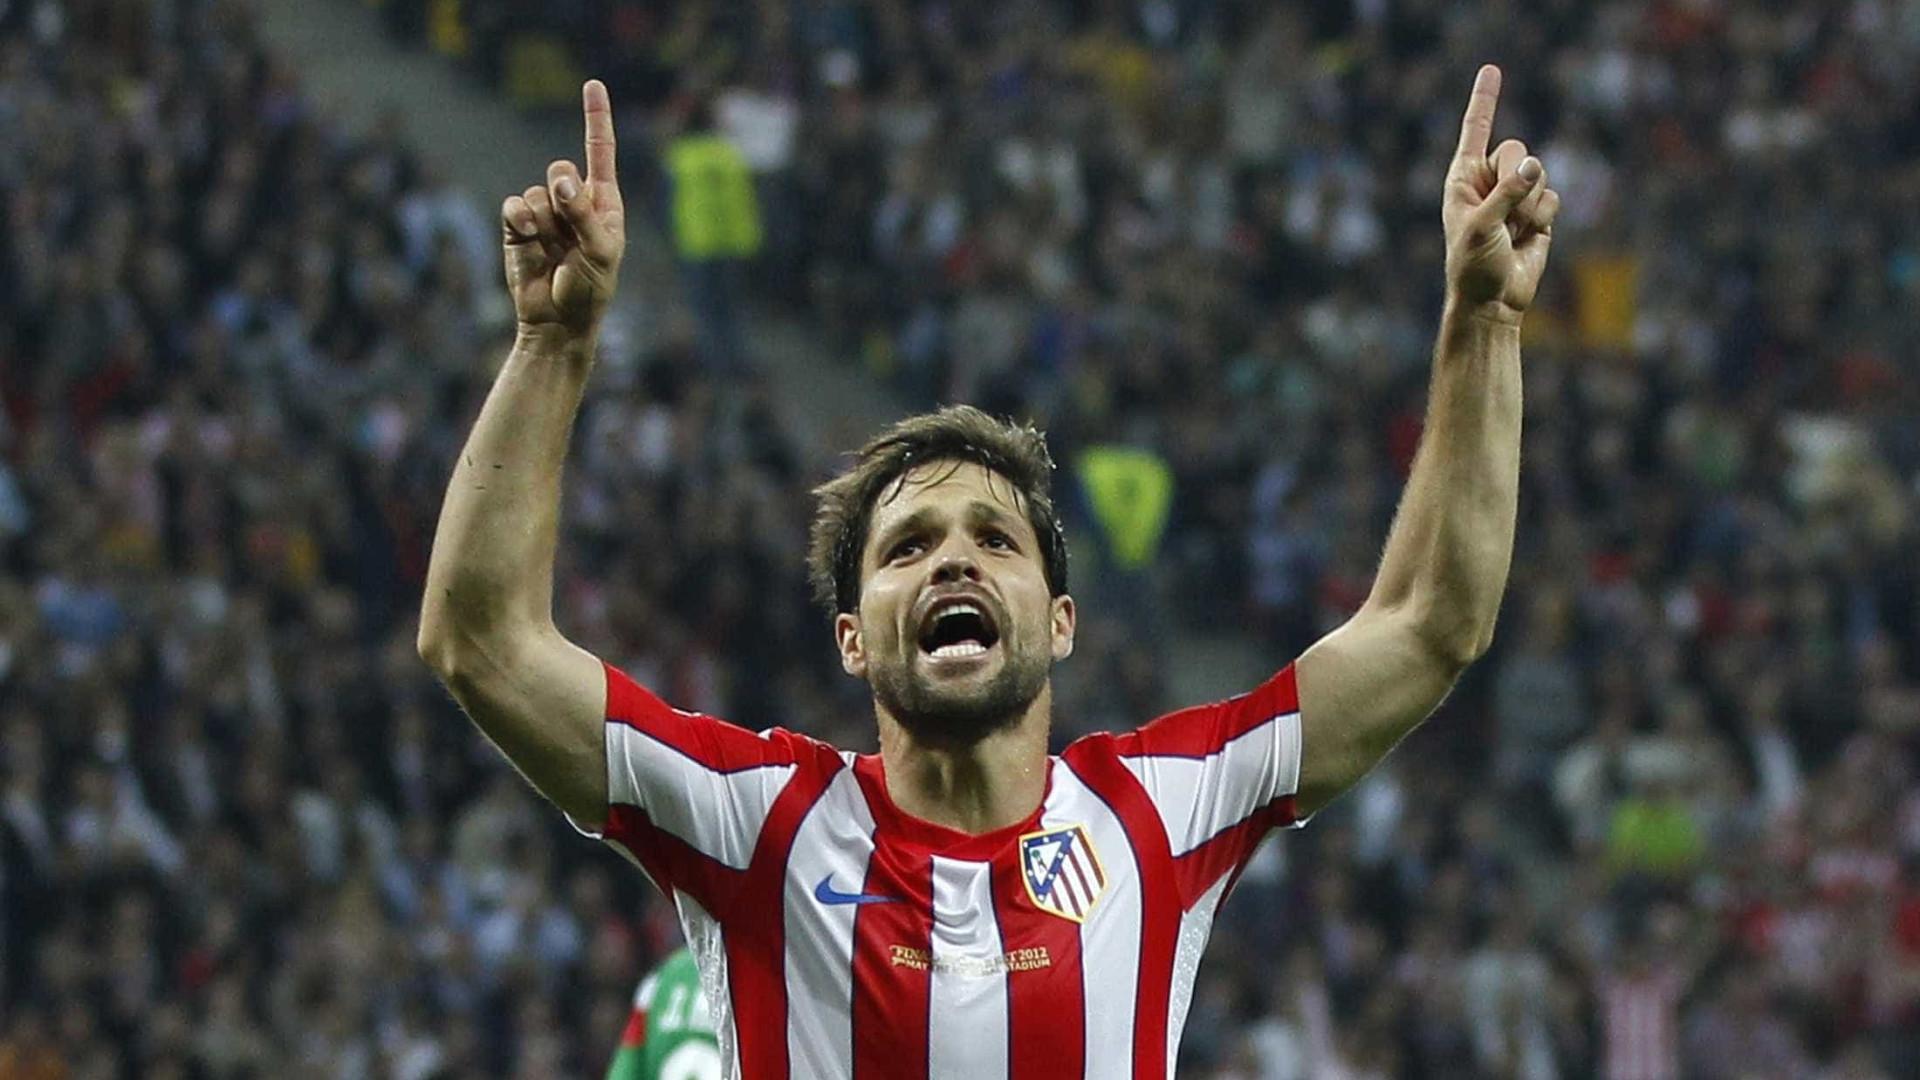 Diego faz homenagem ao Atlético de Madrid, que completa 114 anos